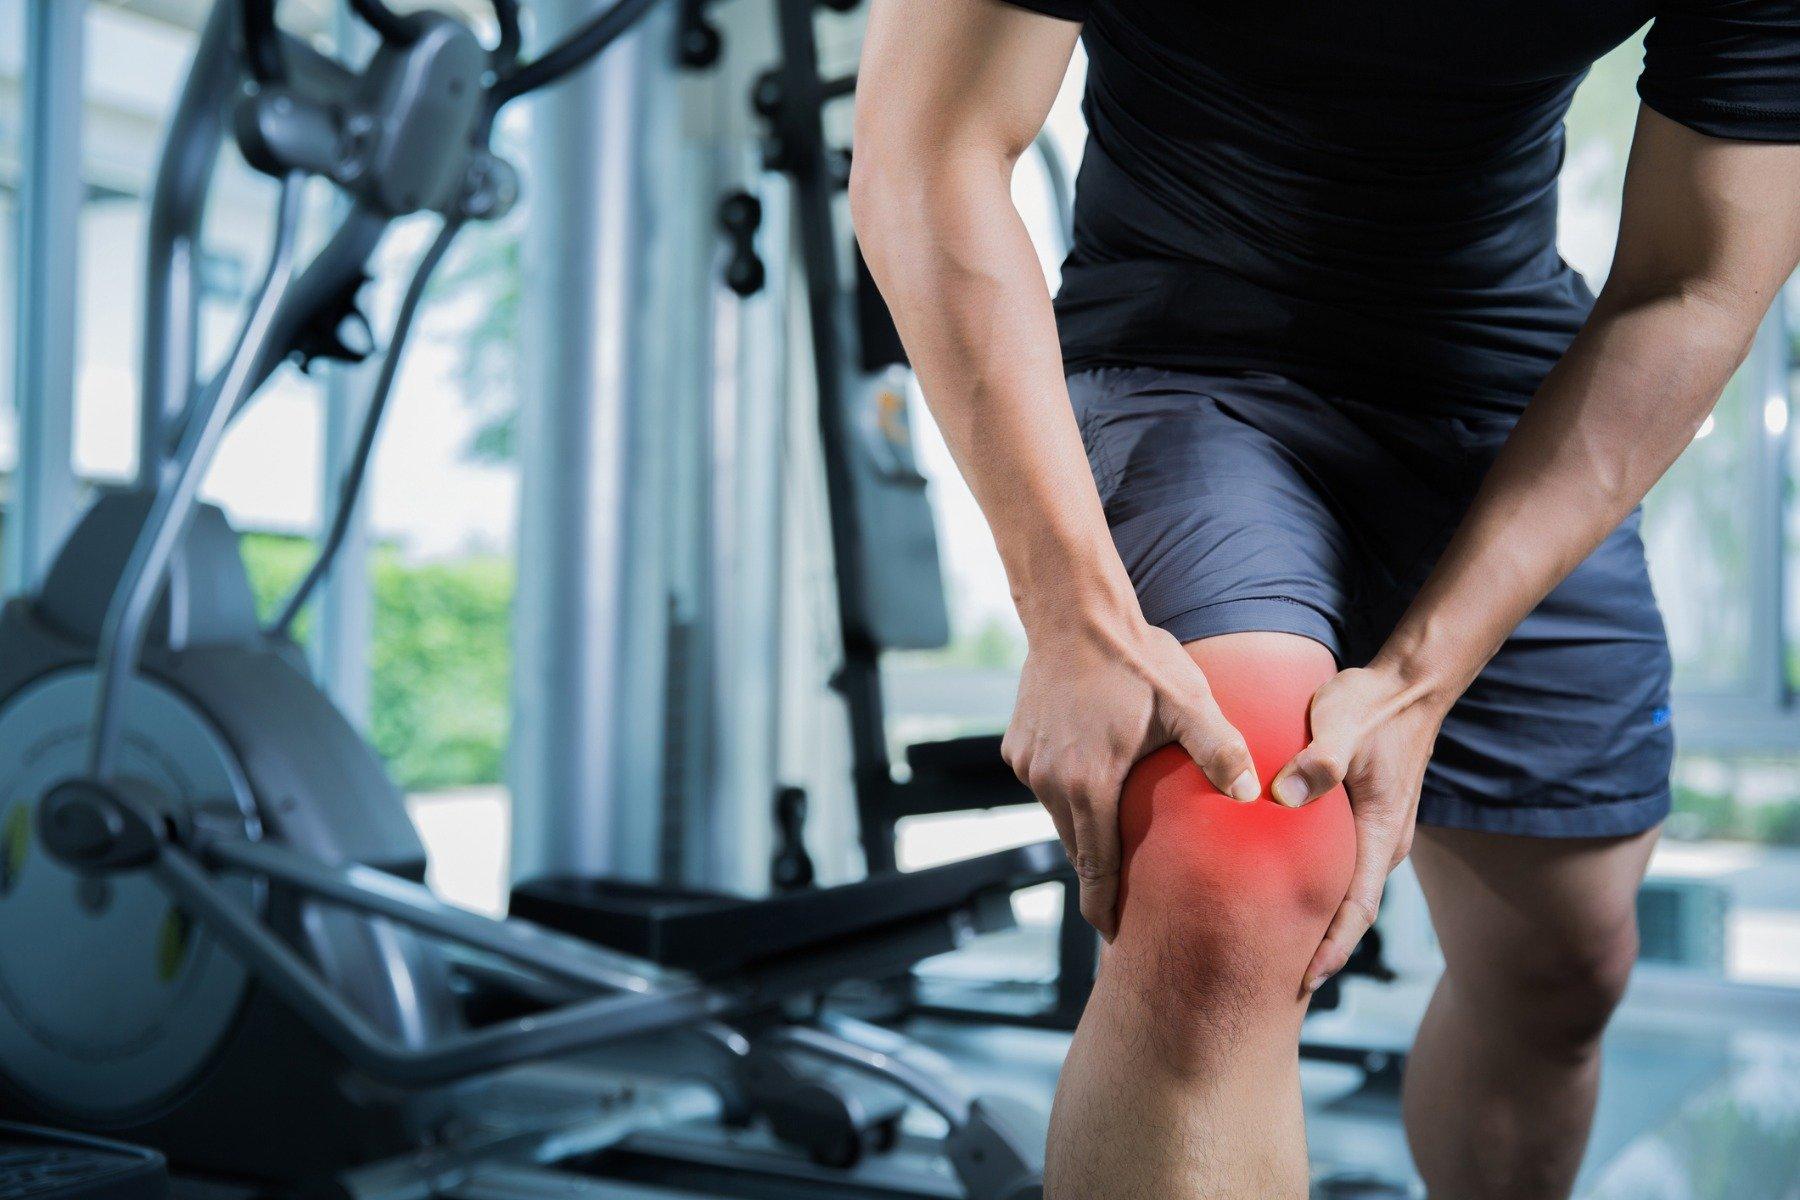 hogyan lehet gyorsan enyhíteni a térdízületek fájdalmait)